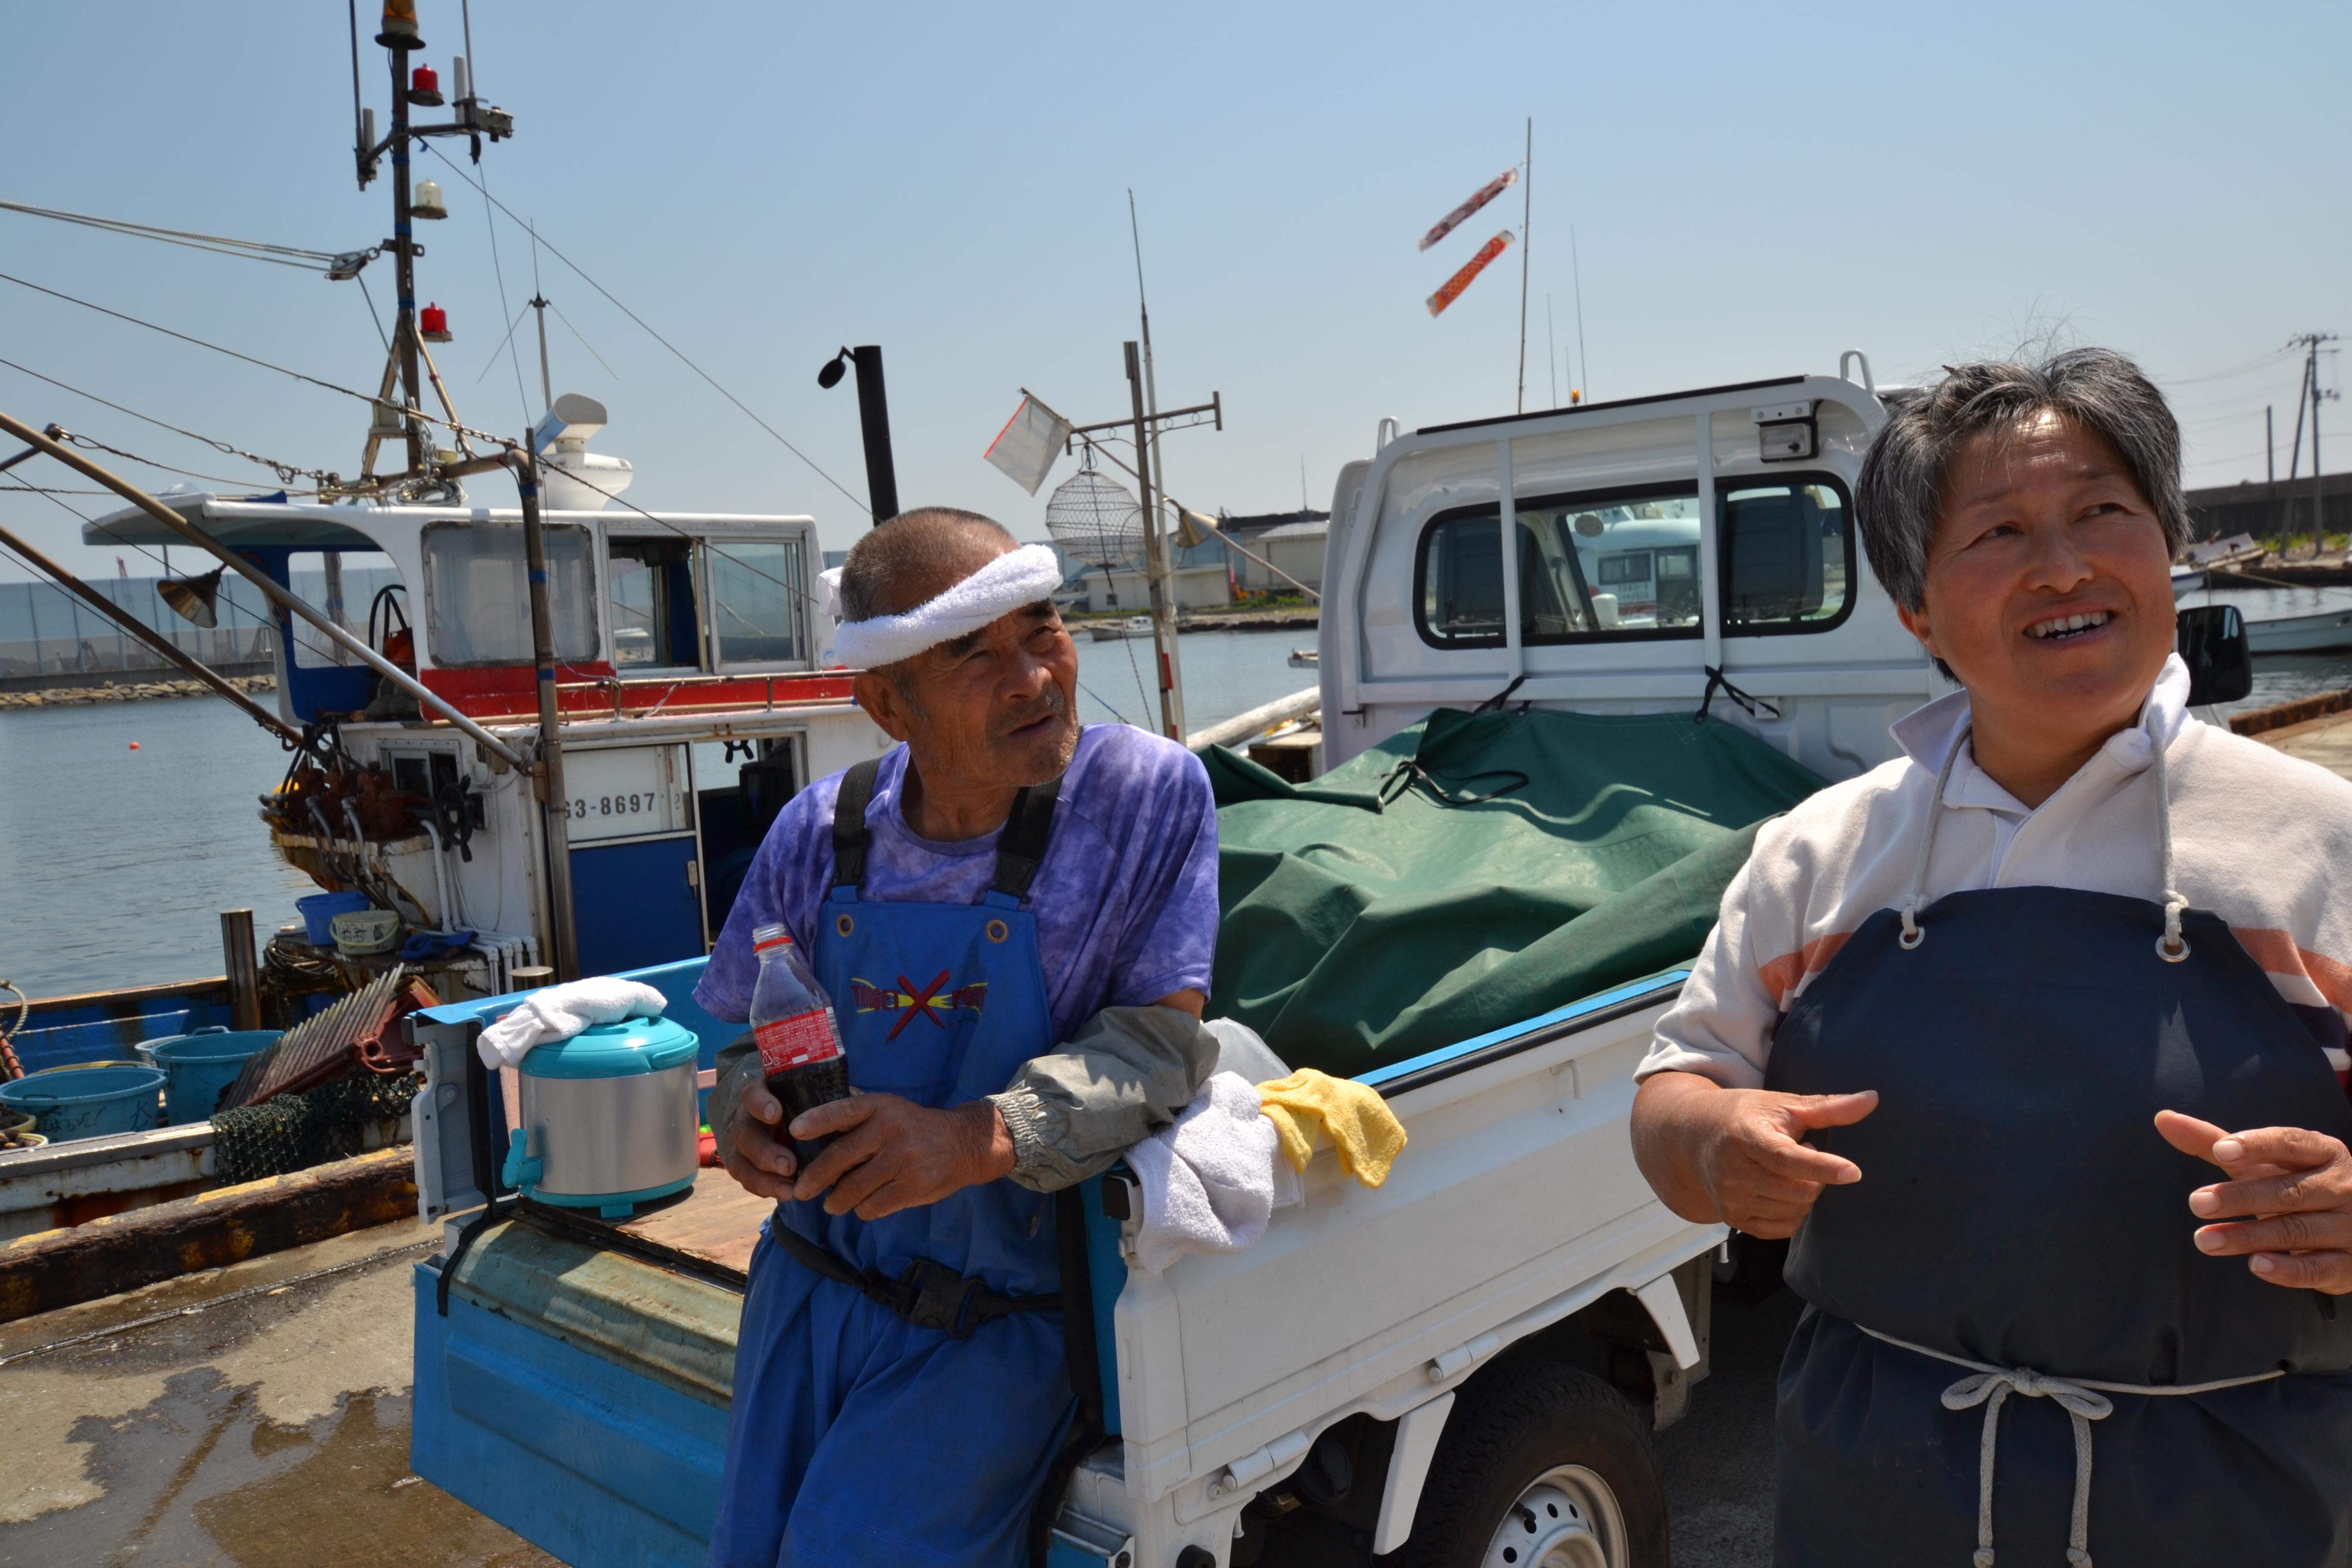 arahama sato fisherman and daughter at harbor speak.JPG